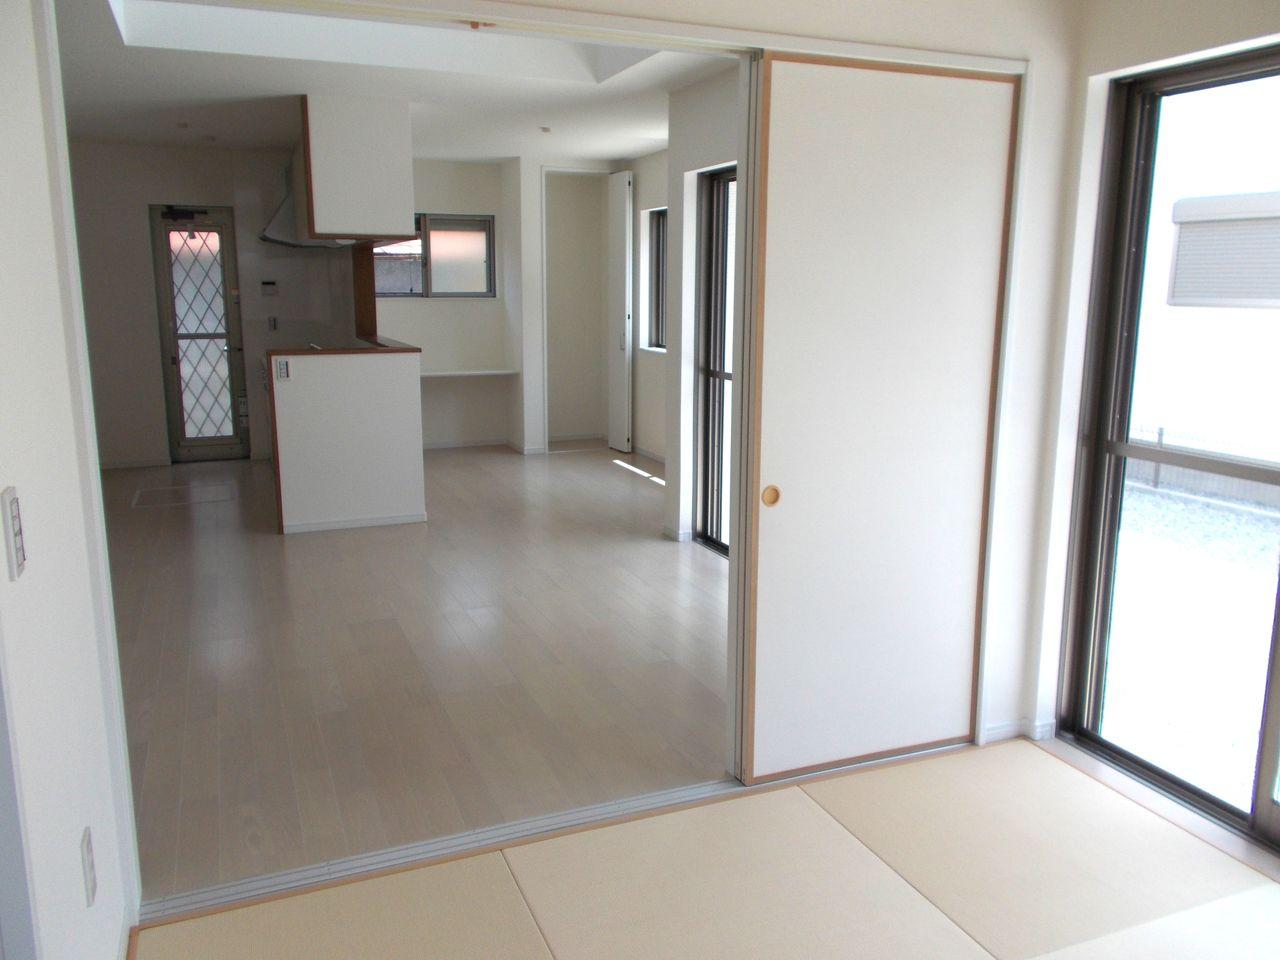 和室とLDKを合わせると20.5帖の大空間。 大家族様でもゆったりお住まい頂けます。